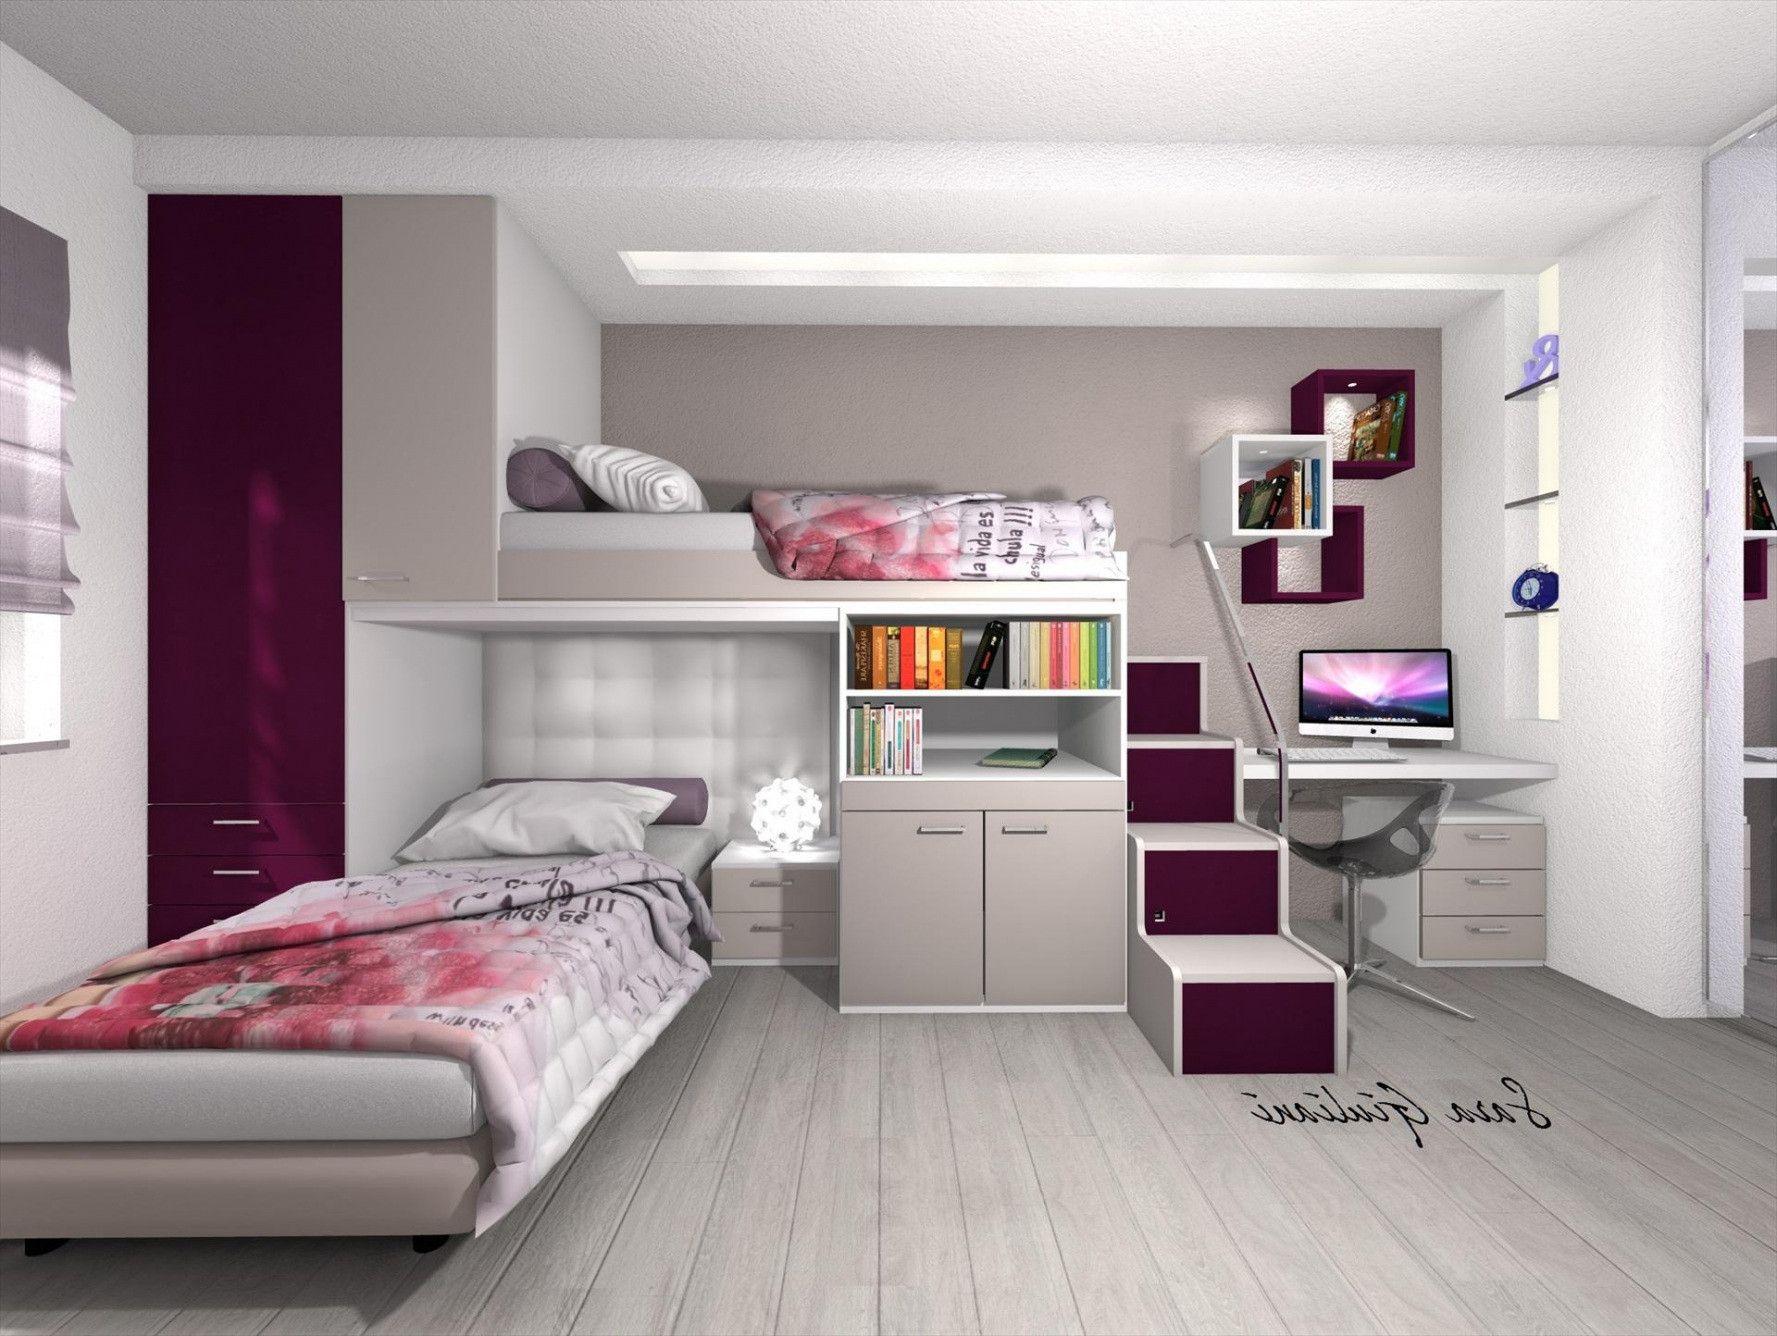 Billige Loft Betten Fuer Kinder Am Besten Etagenbetten Fuer Kinder